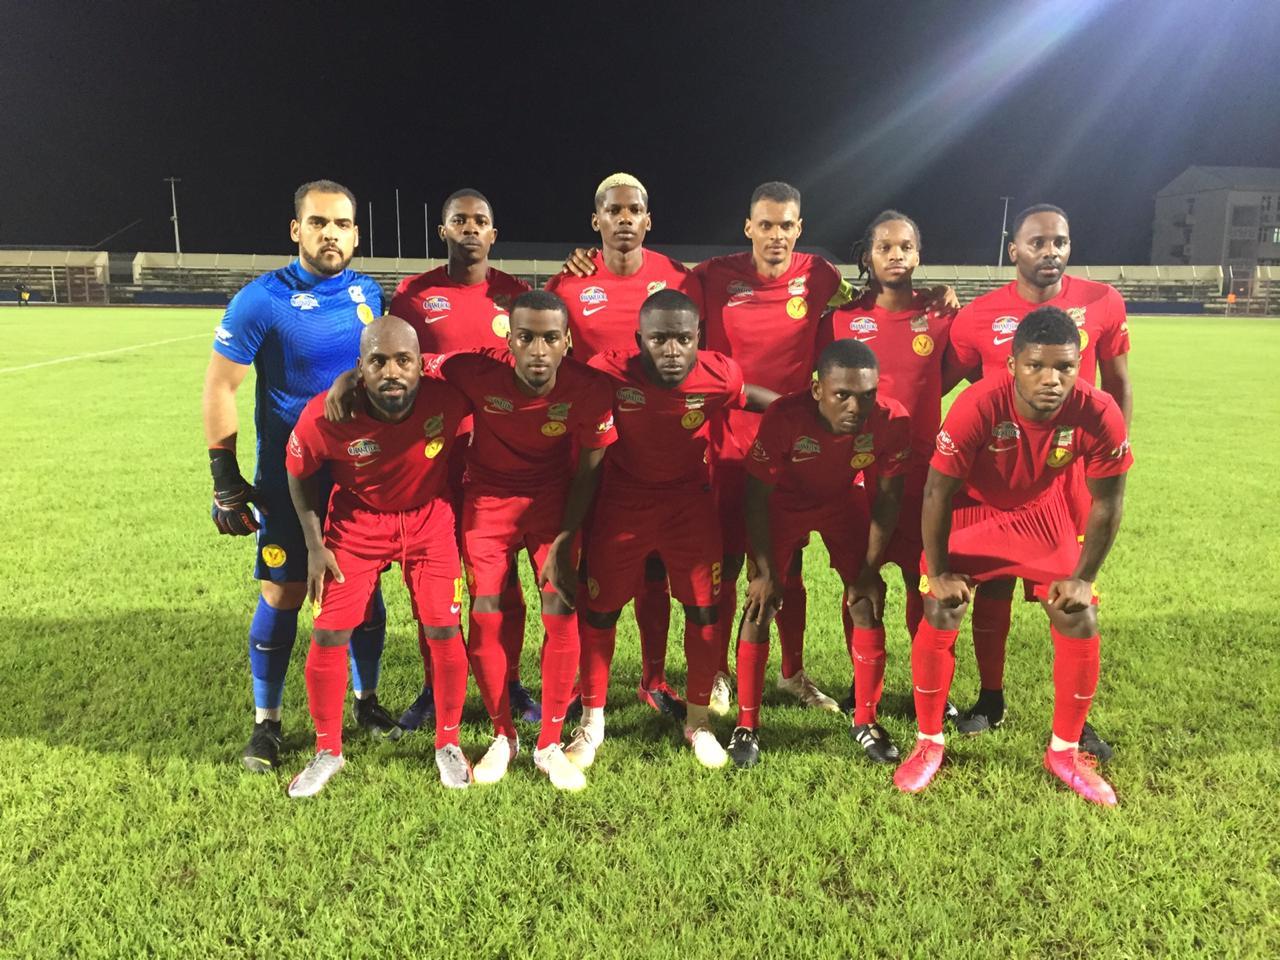 Coupe de Martinique : l'Aiglon corrige le New Club 10 - 0